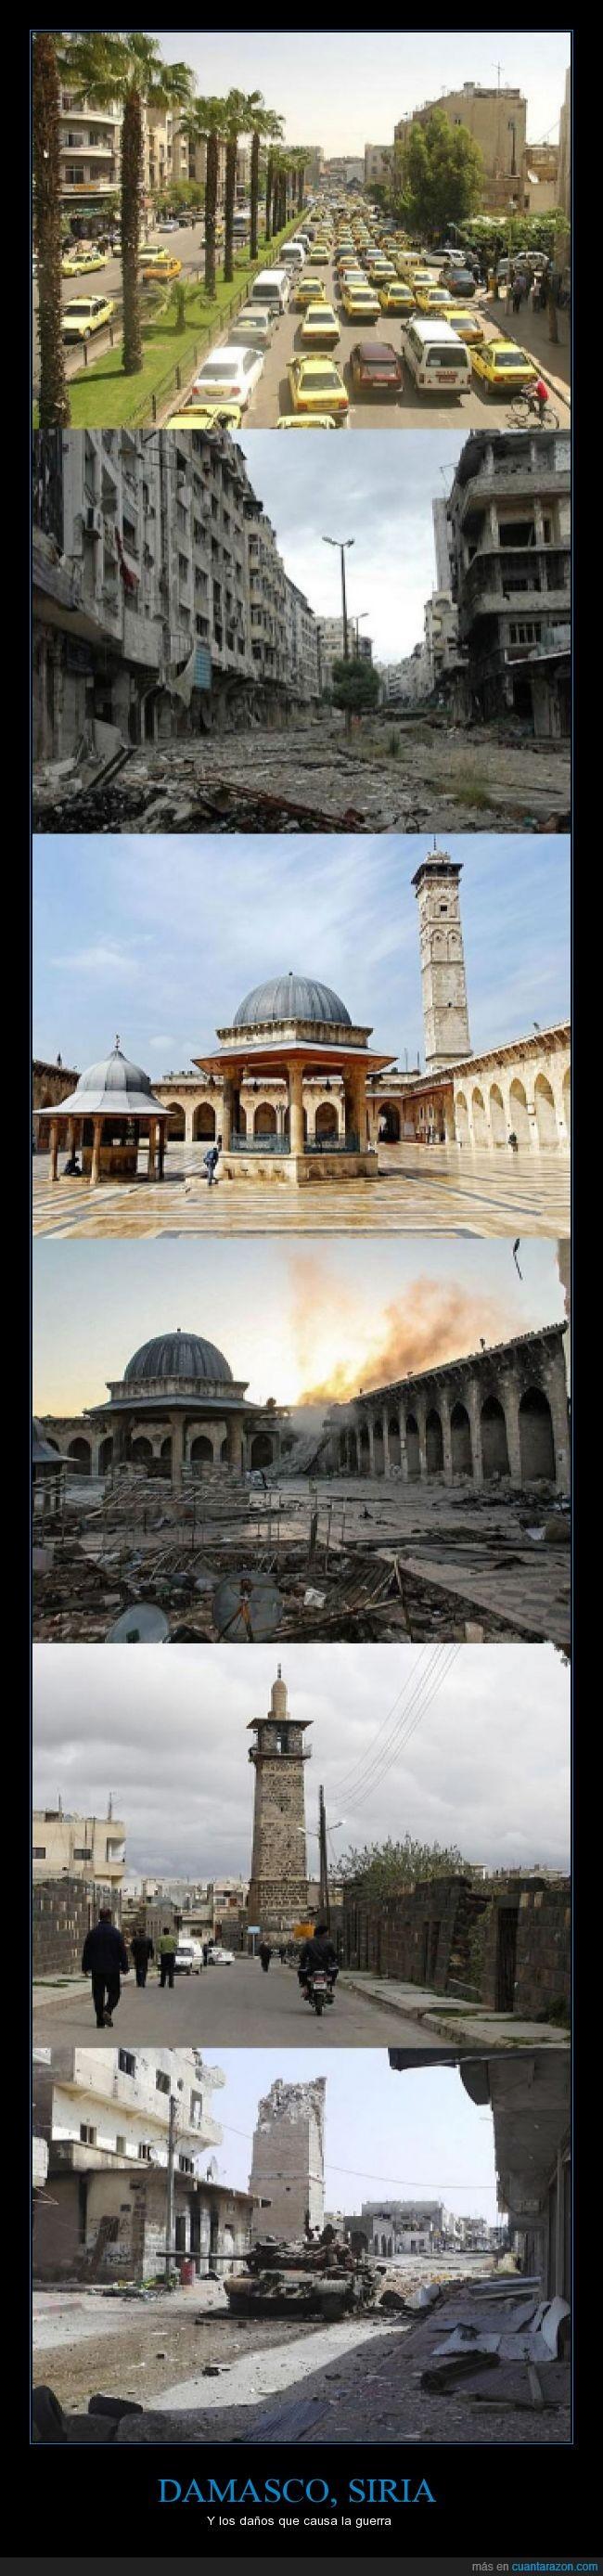 ciudad,damasco,daños,edificio,guerra,mal,Siria